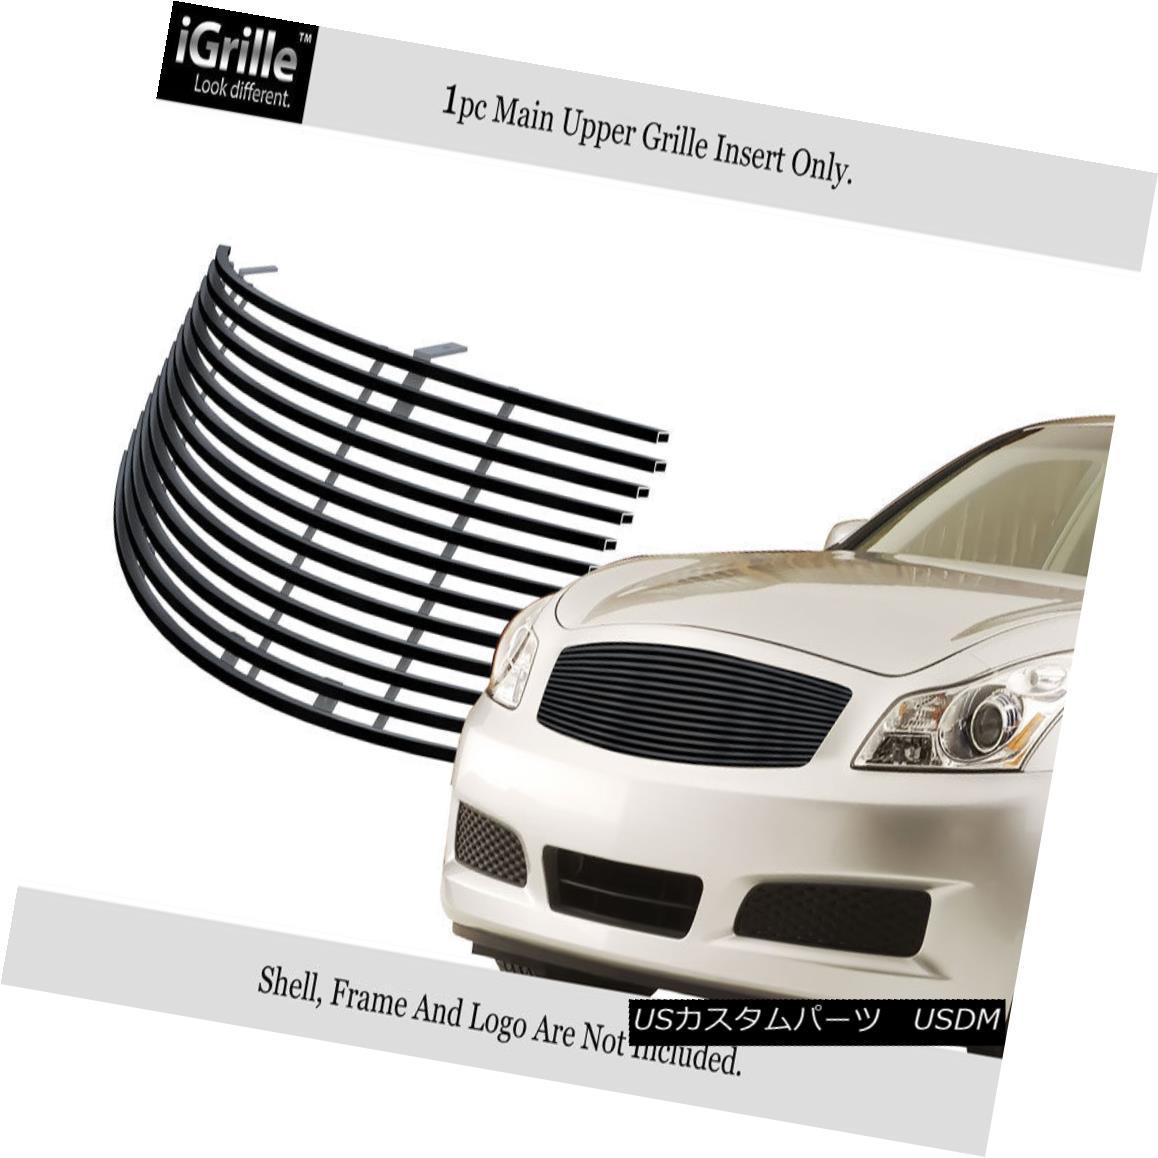 グリル Fits 2007-2008 Infiniti G35 Sedan Stainless Steel Black Billet Grille Insert フィット2007-2008インフィニティG35セダンステンレス鋼ブラックビレットグリルインサート